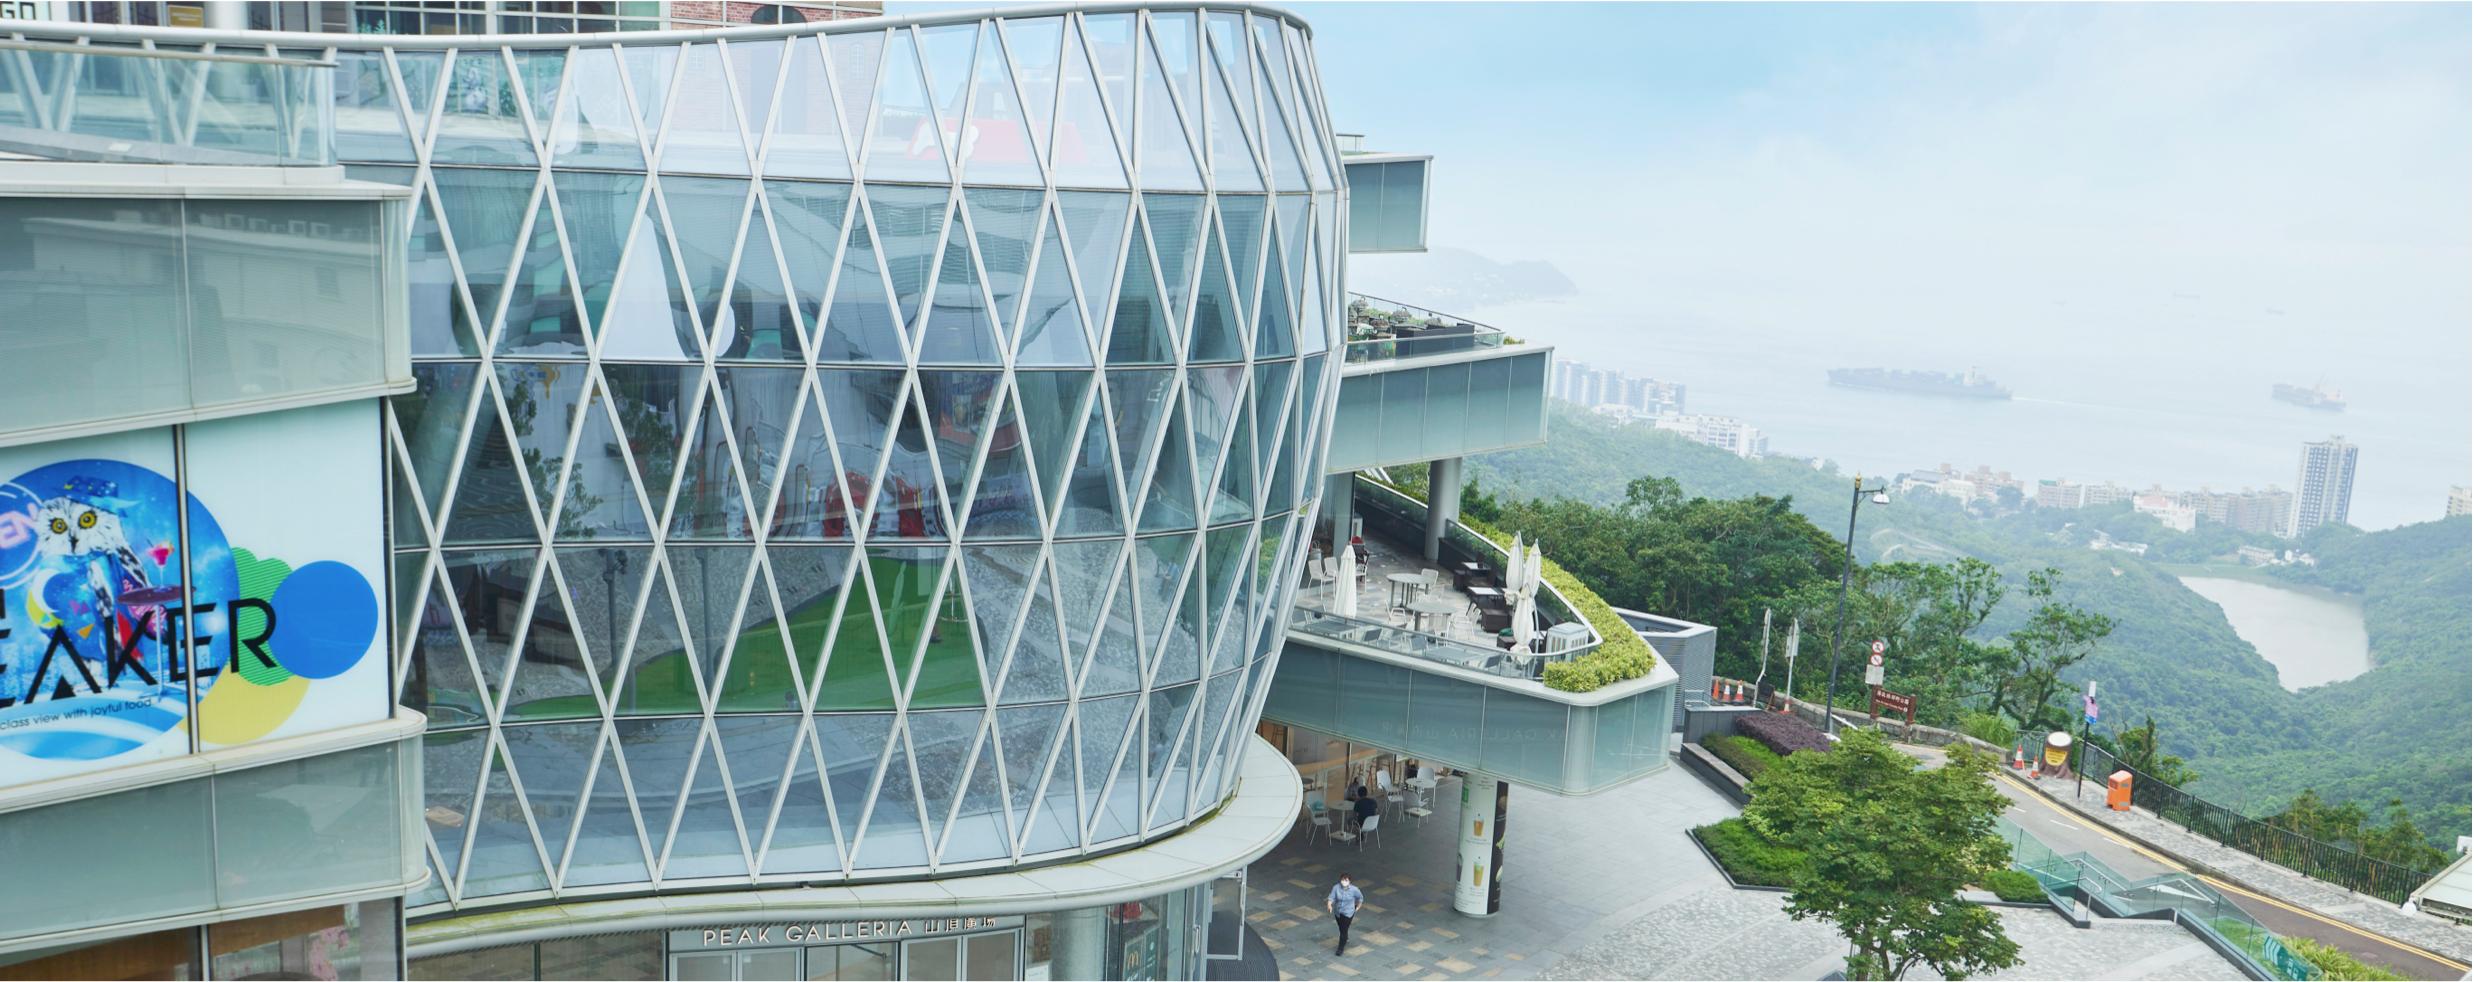 Peak Galleria